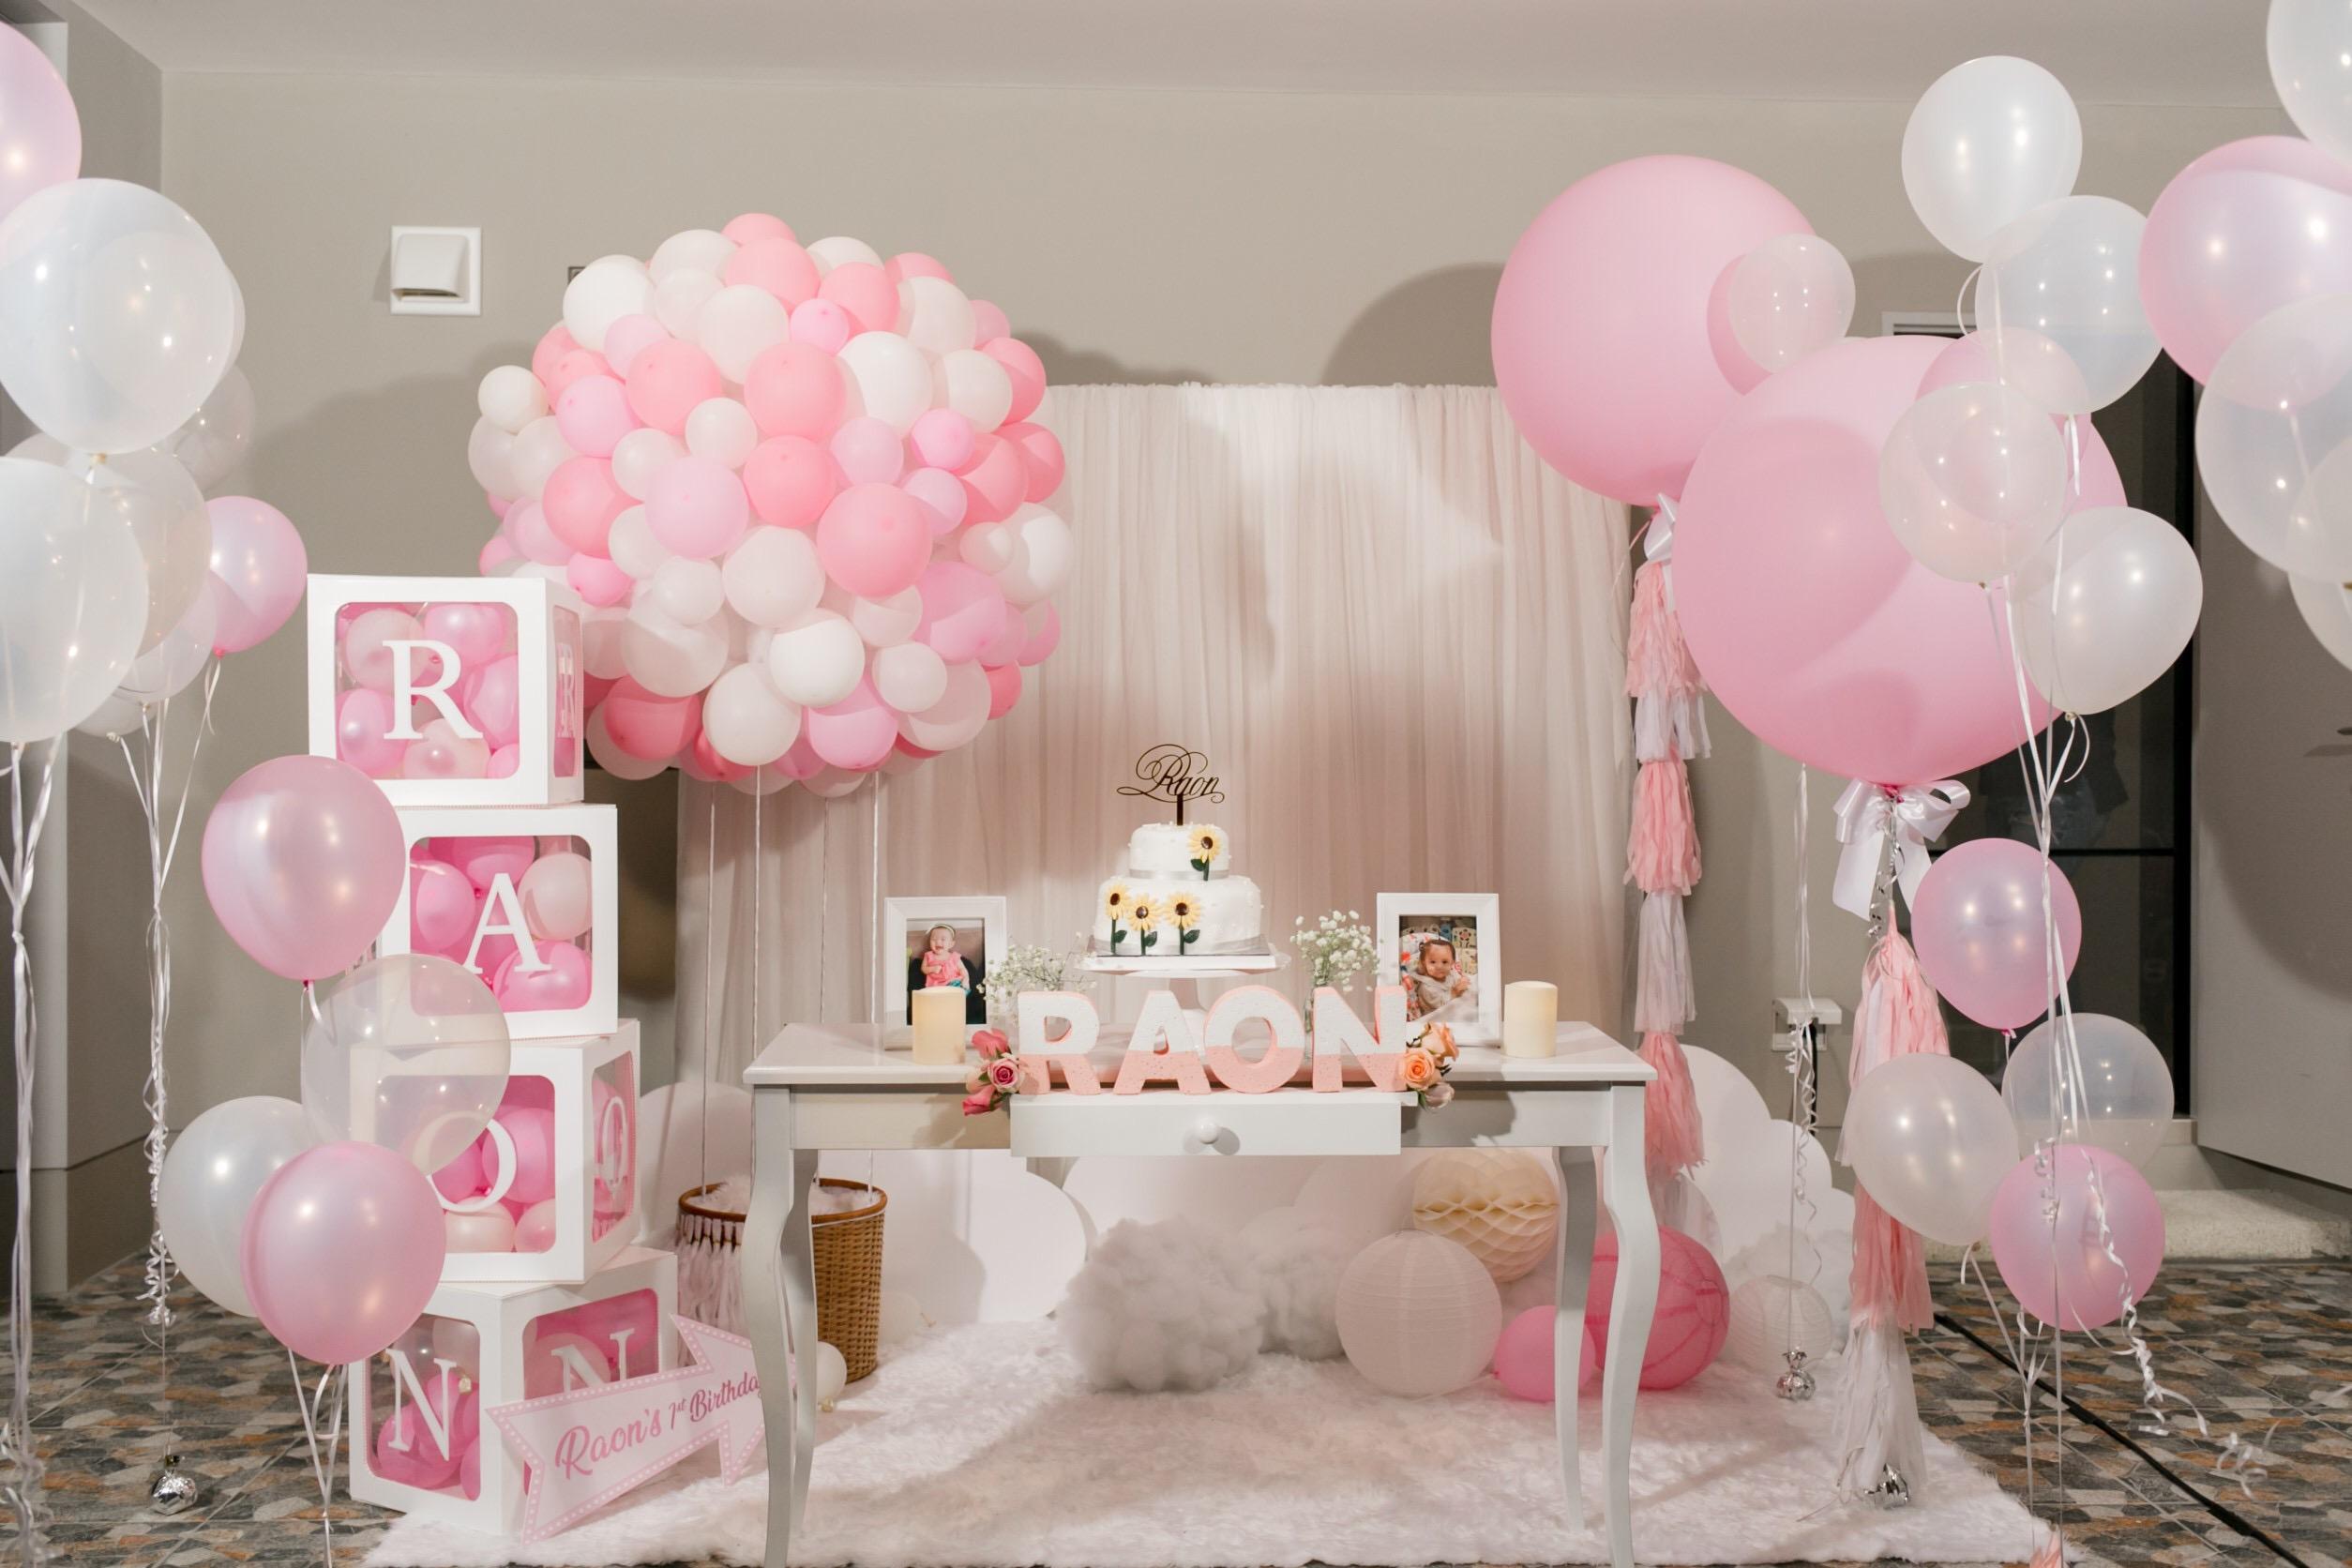 ไอเดียปาร์ตี้วันเกิดในโทนสีชมพู น่ารักสุดๆ ทั้งแบคดรอป ลูกโป่ง โต๊ะเค้ก เค้กวันเกิด และขนมตามธีมงาน